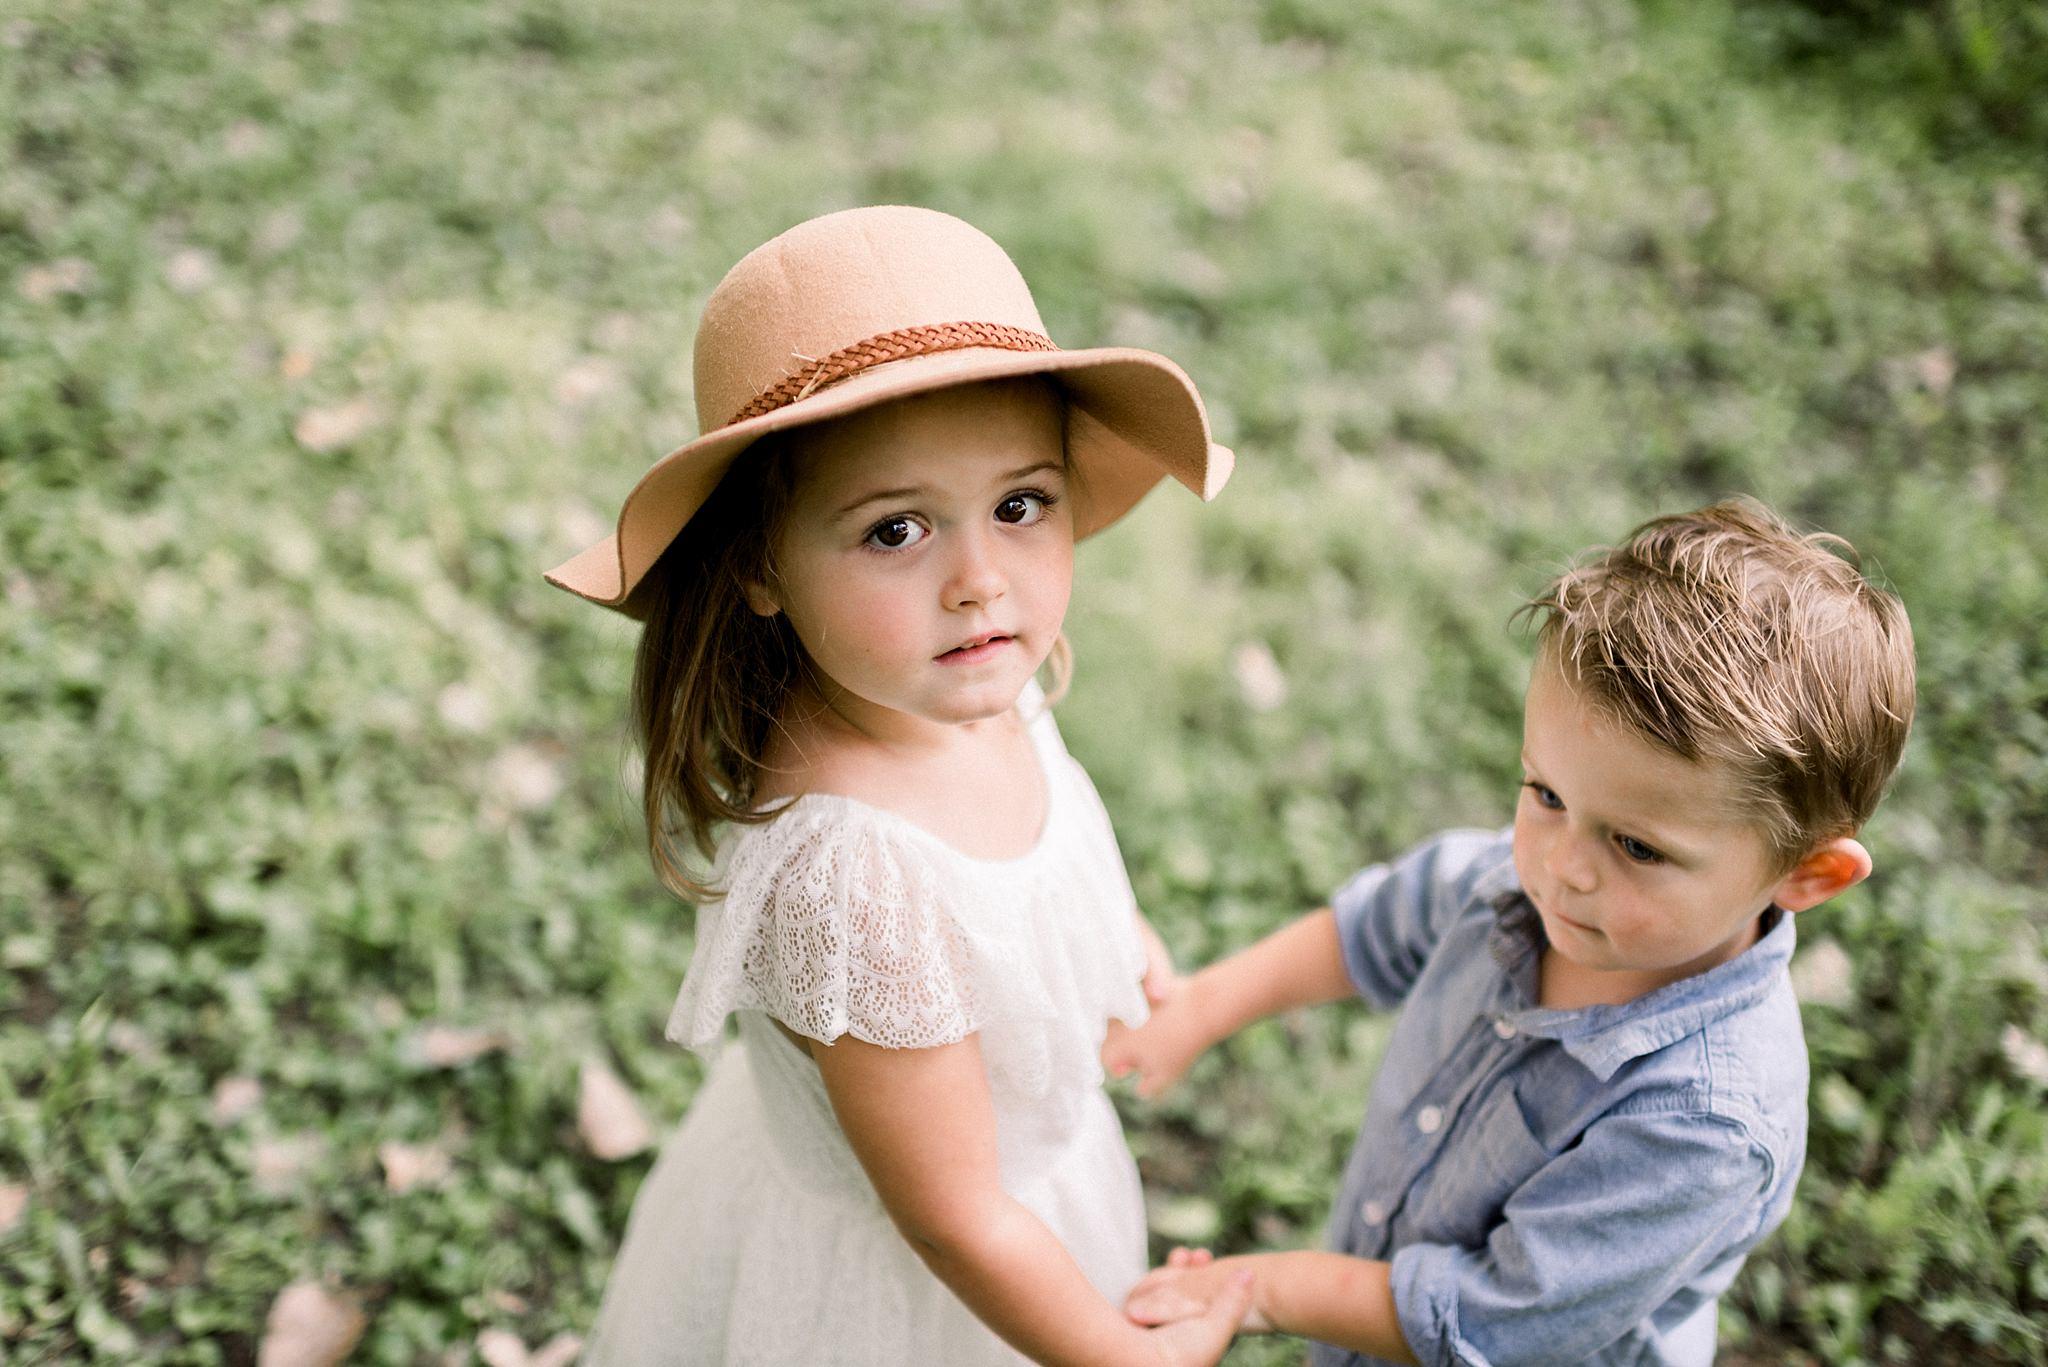 Family Lifestyle Photos in Peoria, Illinois by Kristen Kaiser